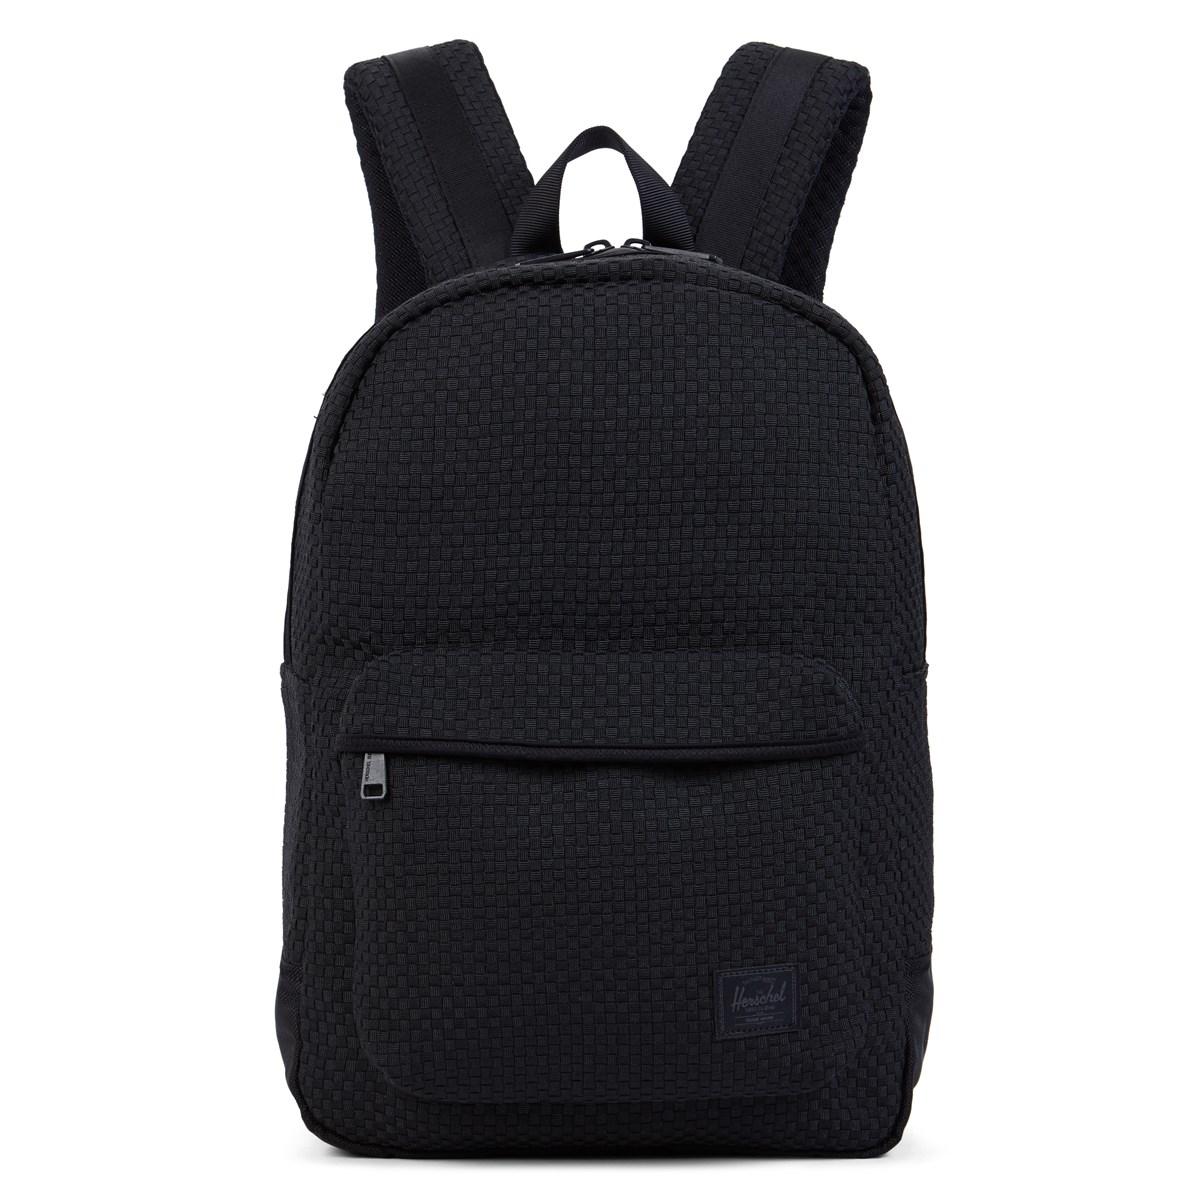 53d453da8ad Woven Lawson Black Backpack. Previous. default view  ALT  ALT2